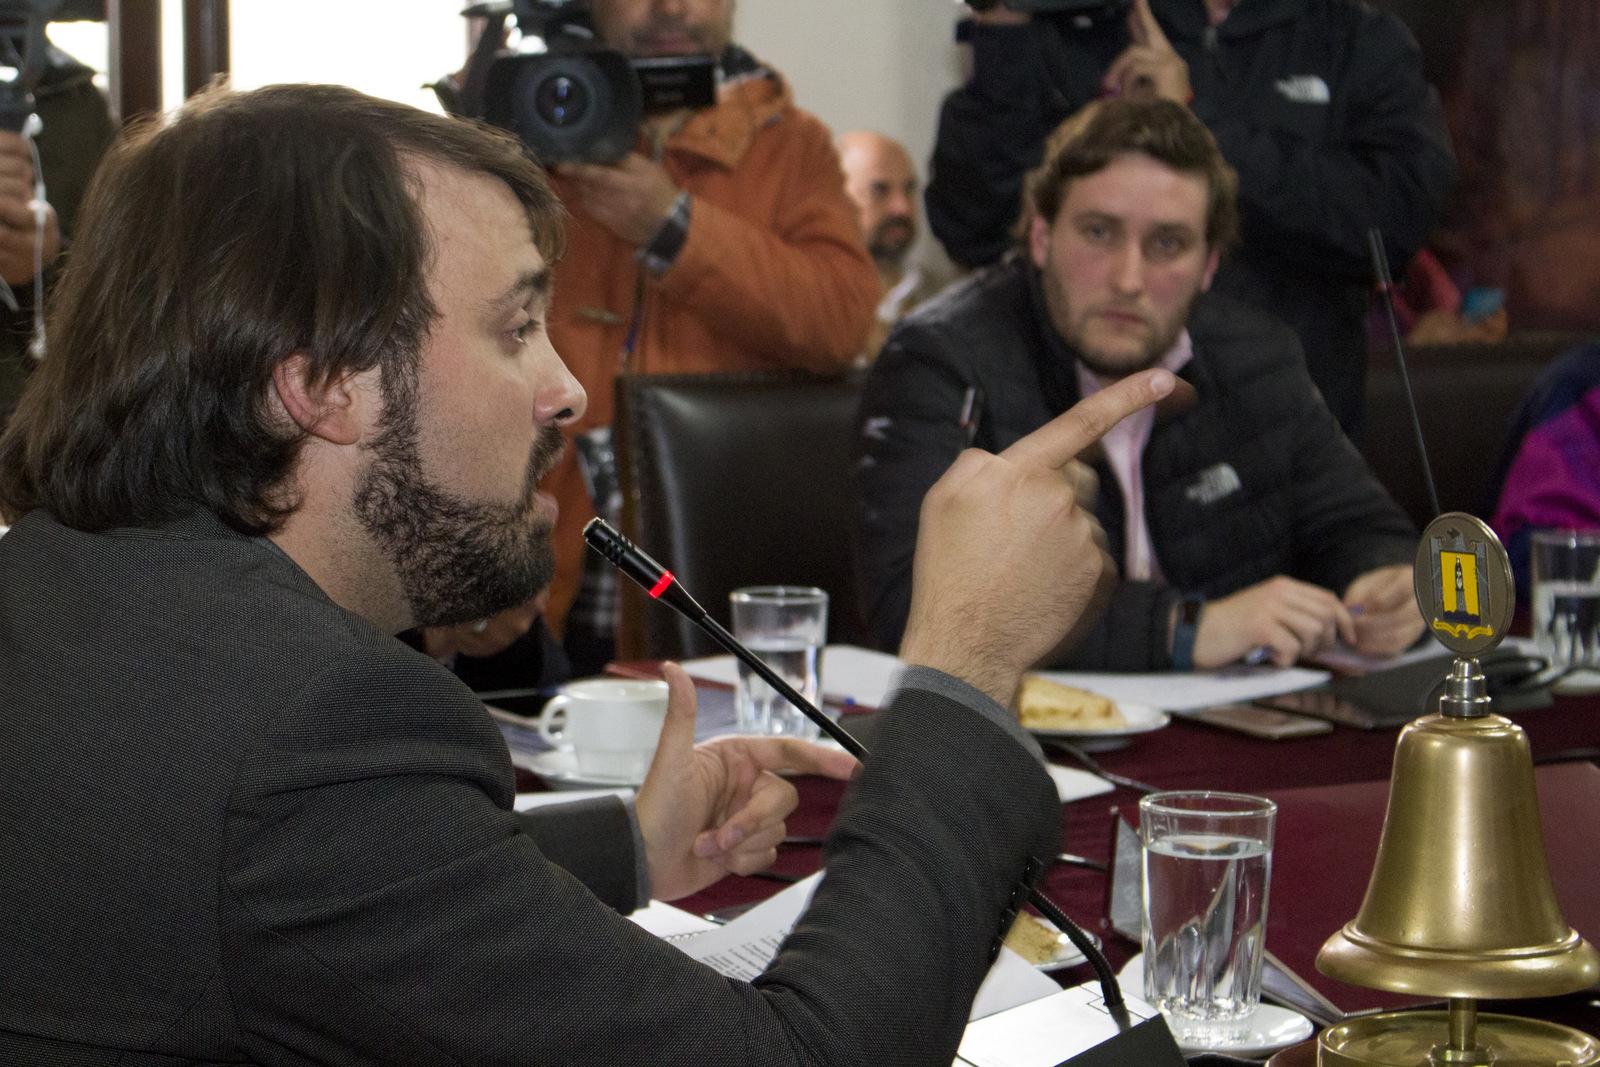 Sharp por término de contrato con empresa de parquímetros: «Se hizo justicia con Valparaíso»